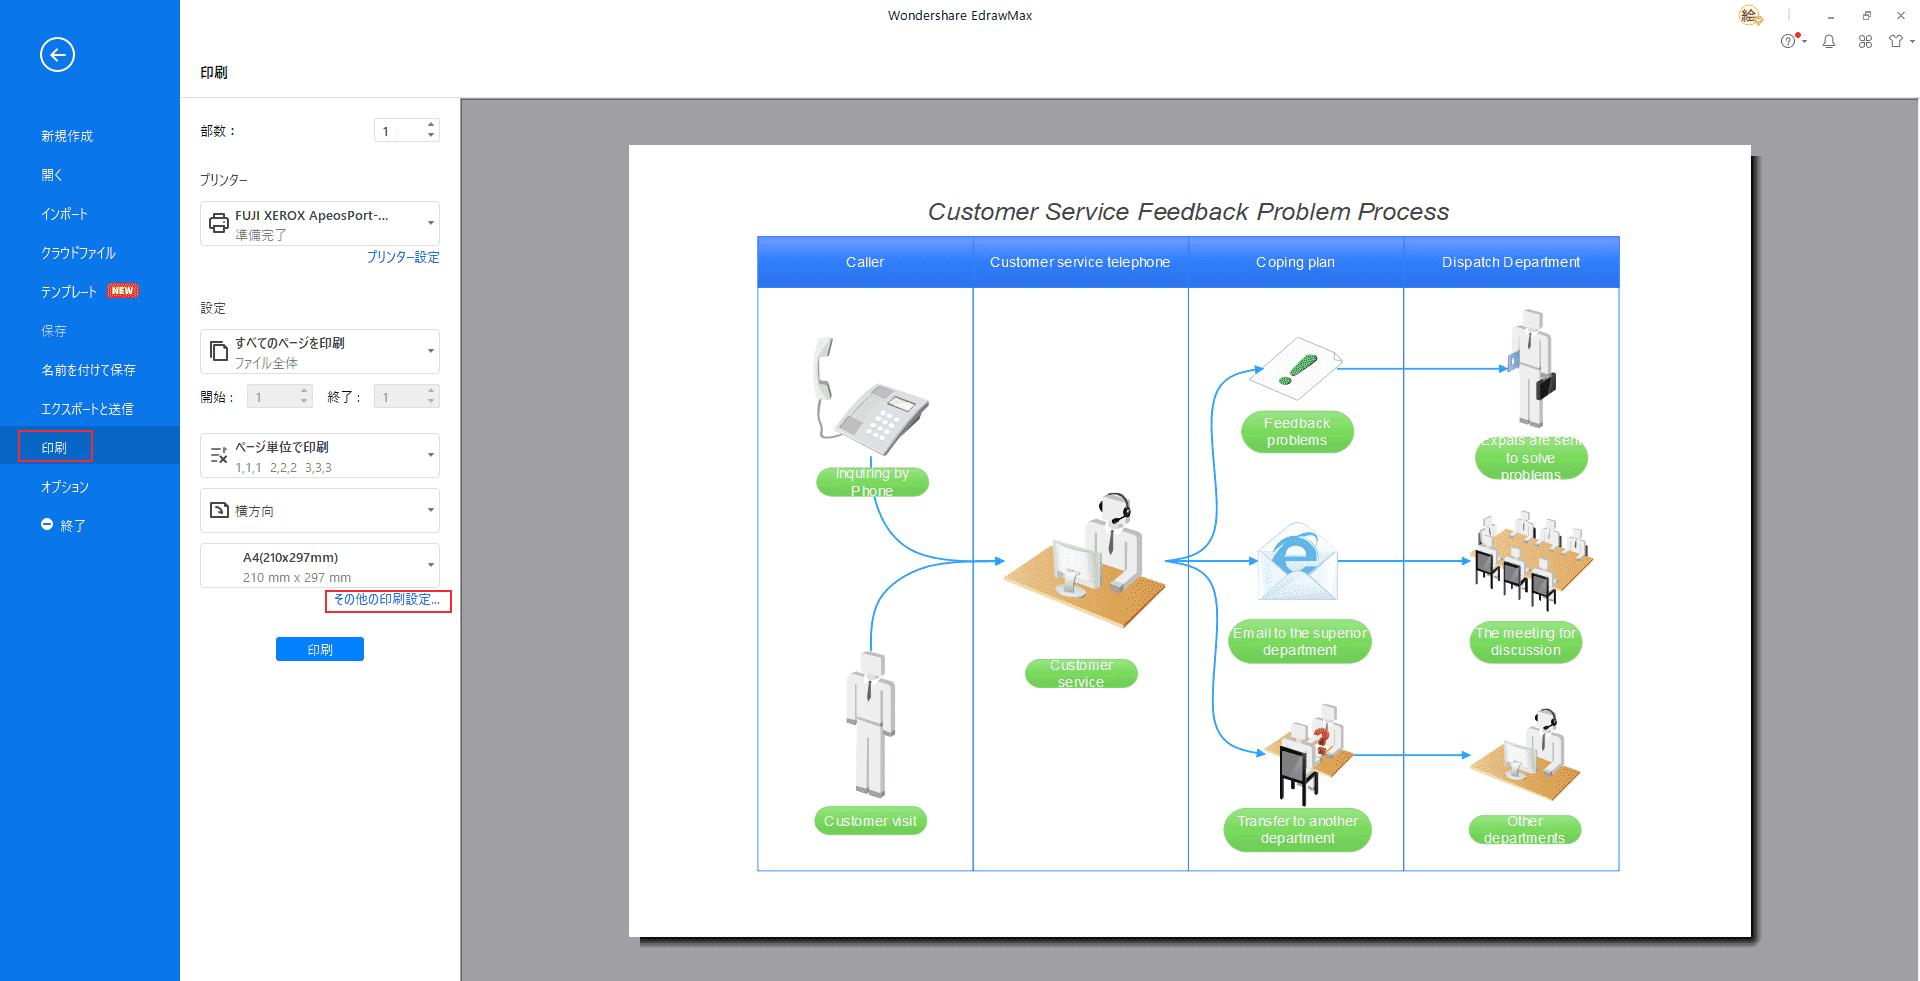 ワークフロー図のプレビュー